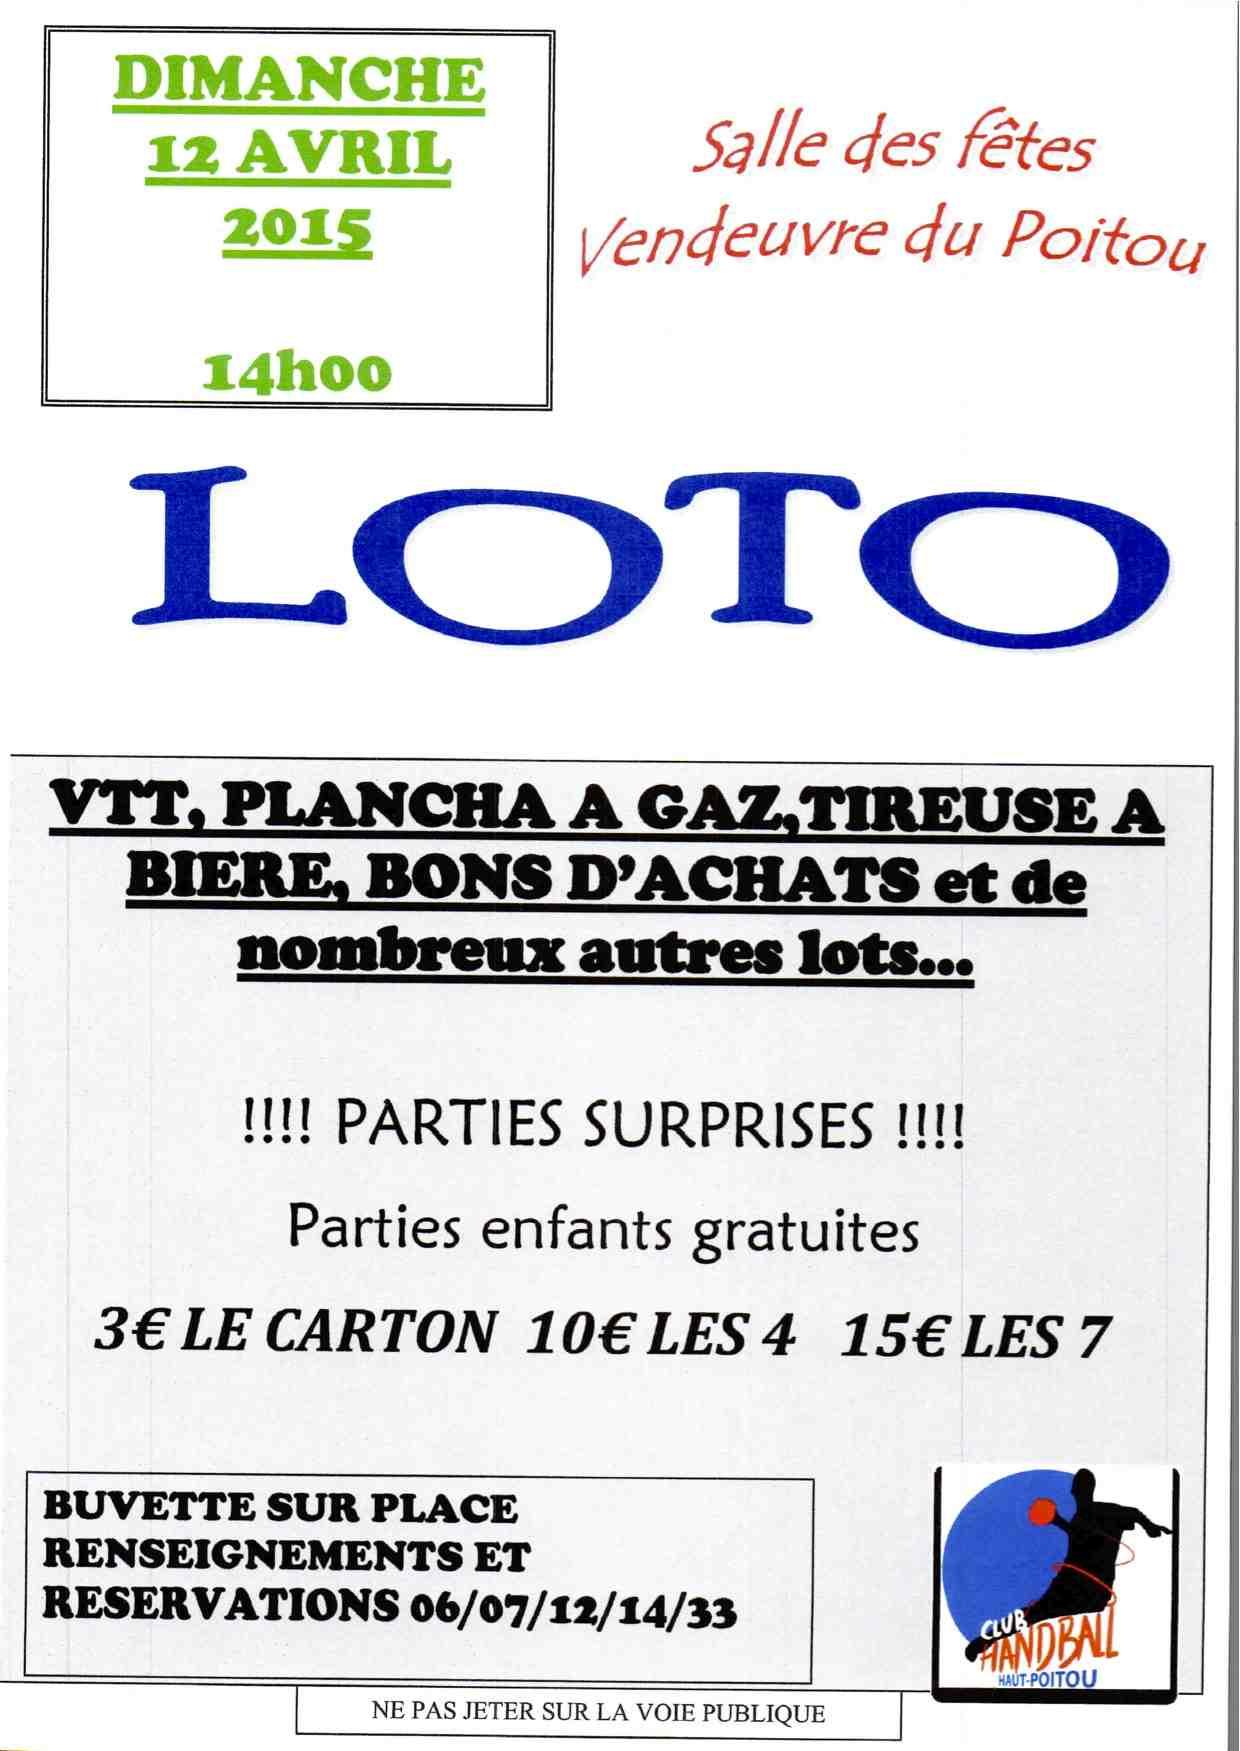 Affiche loto 12 avril 2015 Vendeuvre du Poitou